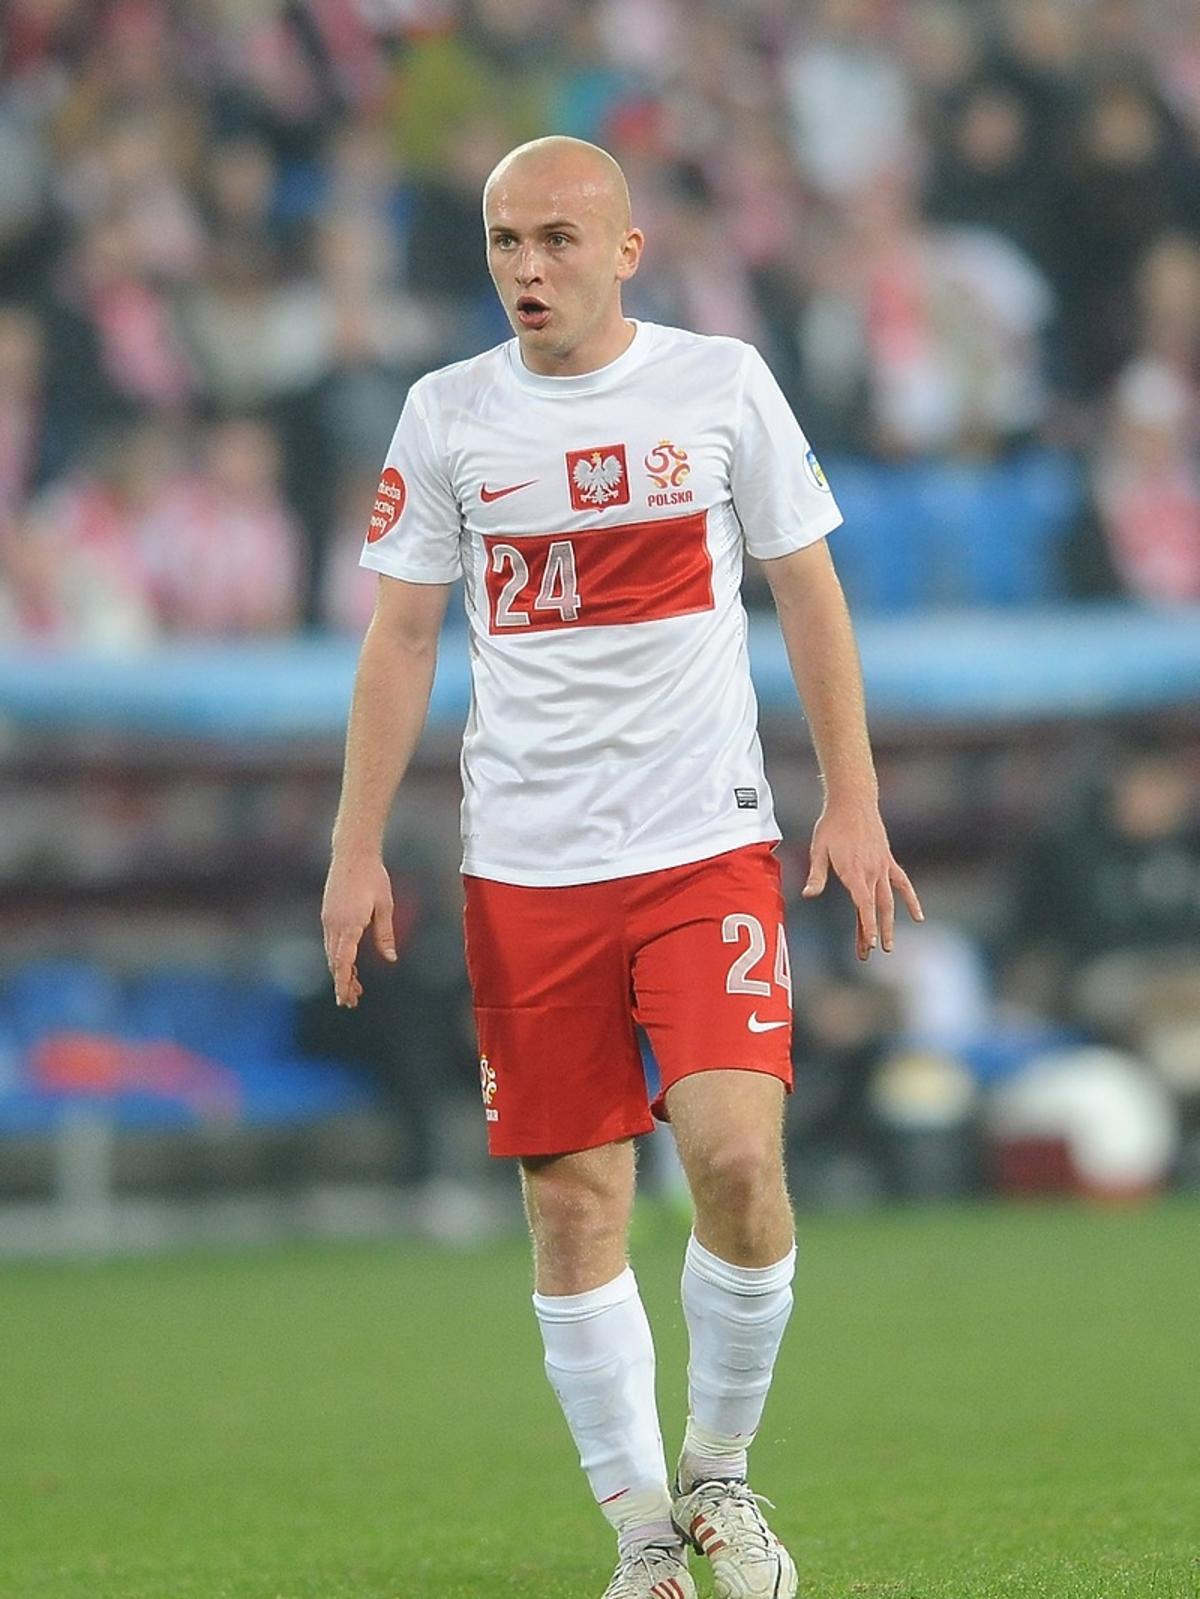 Kim jest Michał Pazdan, bohater meczu Polska-Niemcy? Zdjęcia, info, ciekawostki